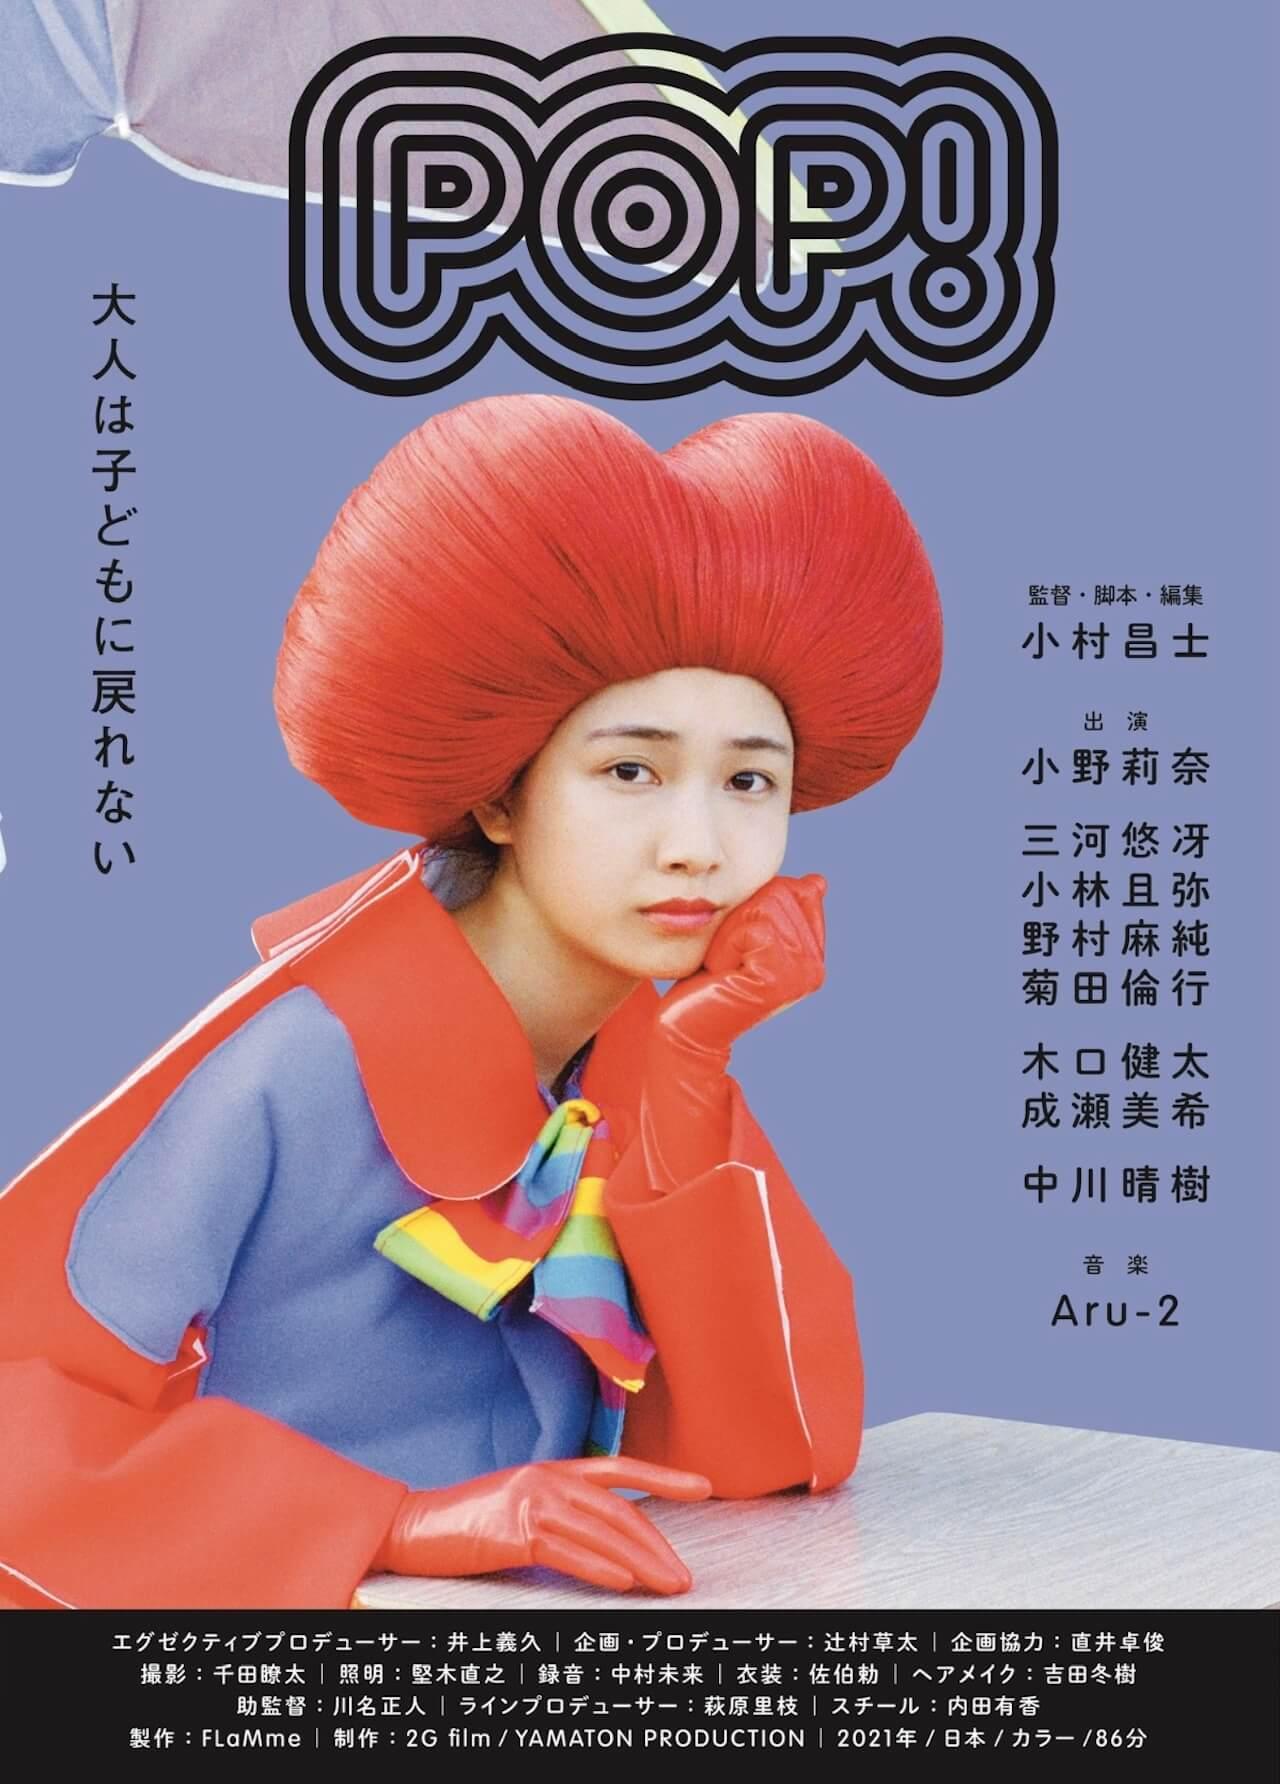 Aru-2が劇伴を担当!小村昌士の初長編監督作、小野莉奈主演の映画『POP!』上映日程が発表 film210219-pop